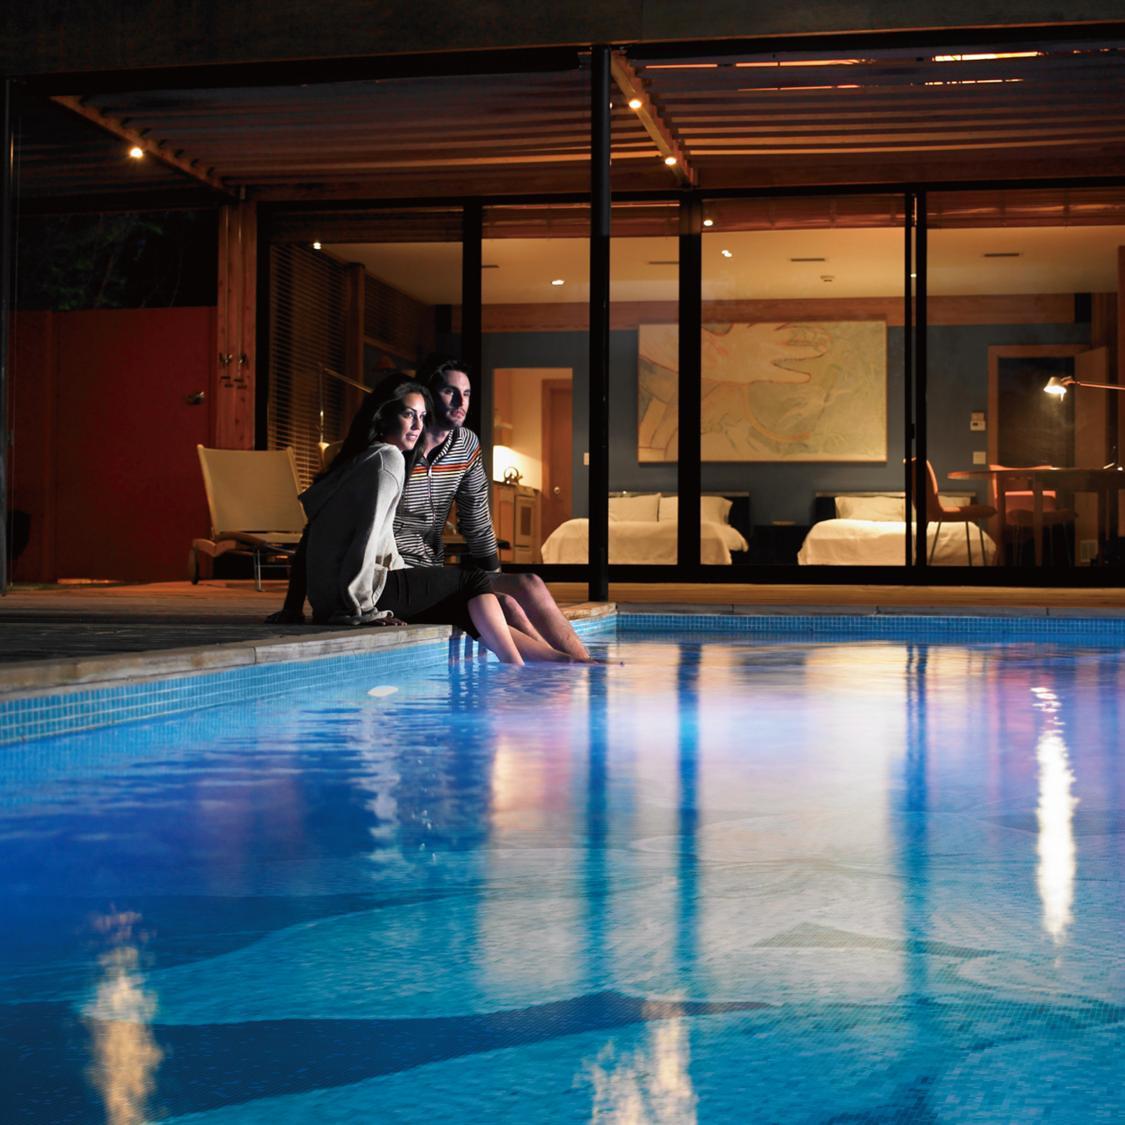 Пизда наедине ночью у бассейна парочка втихаря